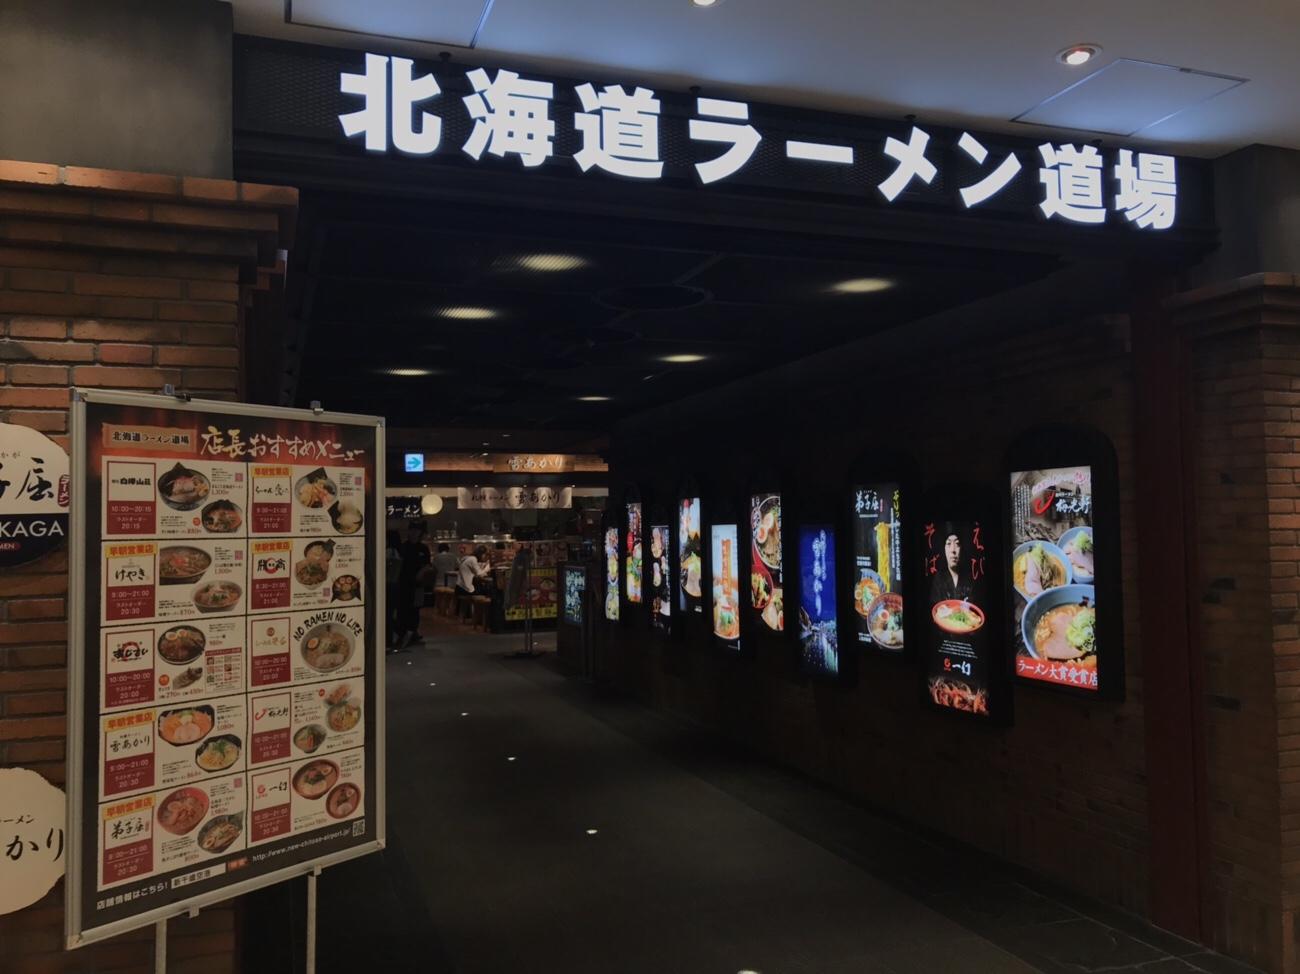 新千歳空港ラーメンおすすめ 北海道ラーメン道場